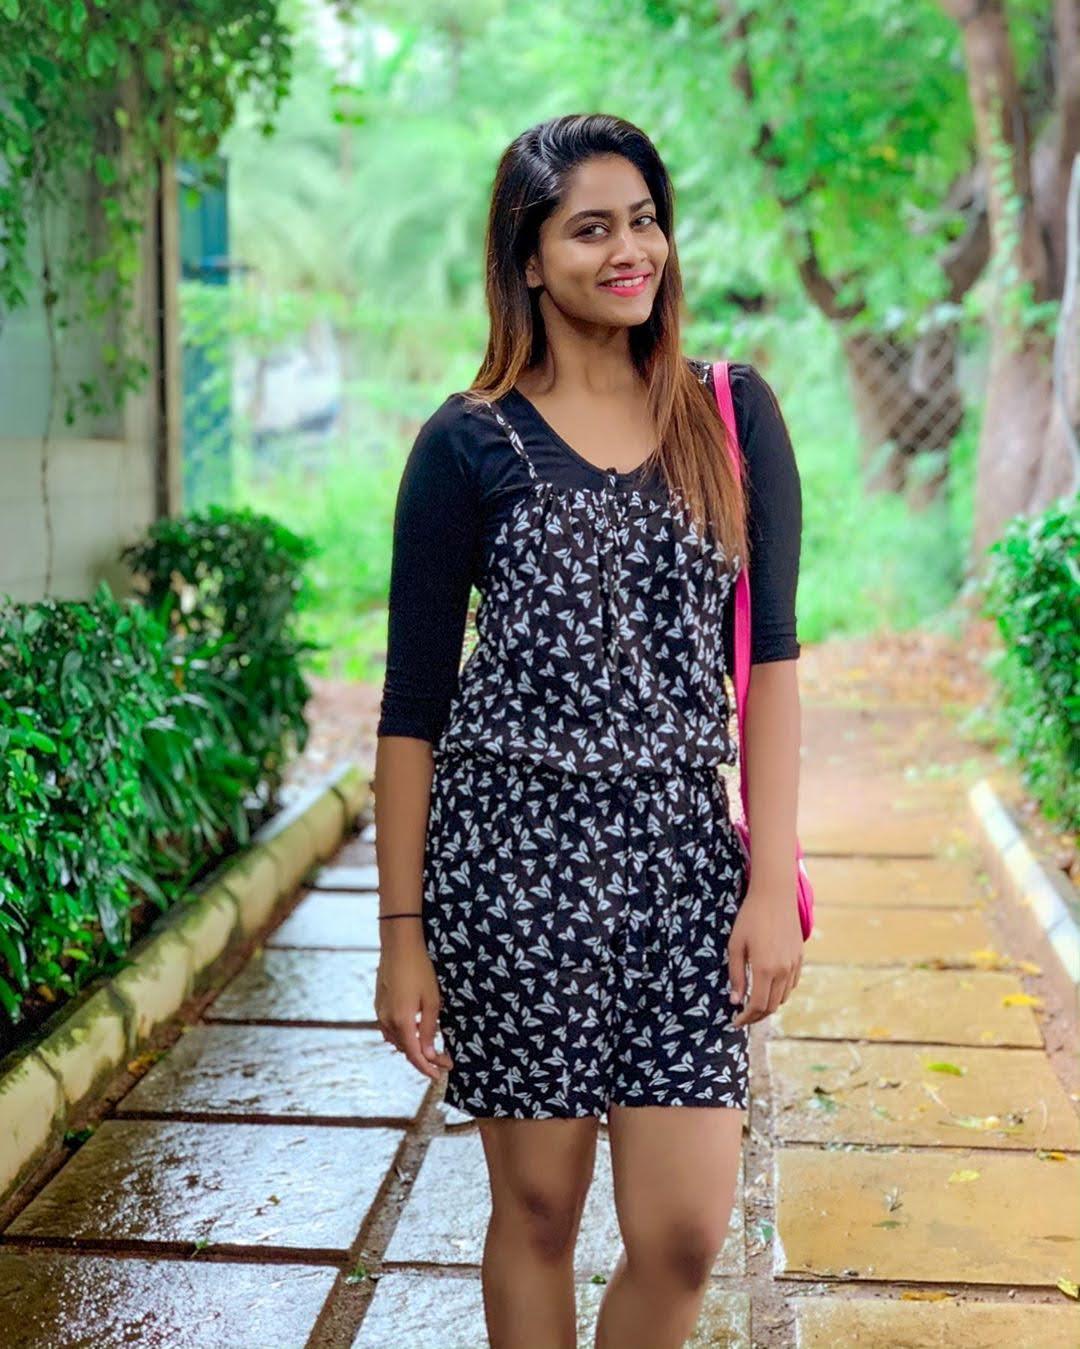 shivani_narayanan_515113240